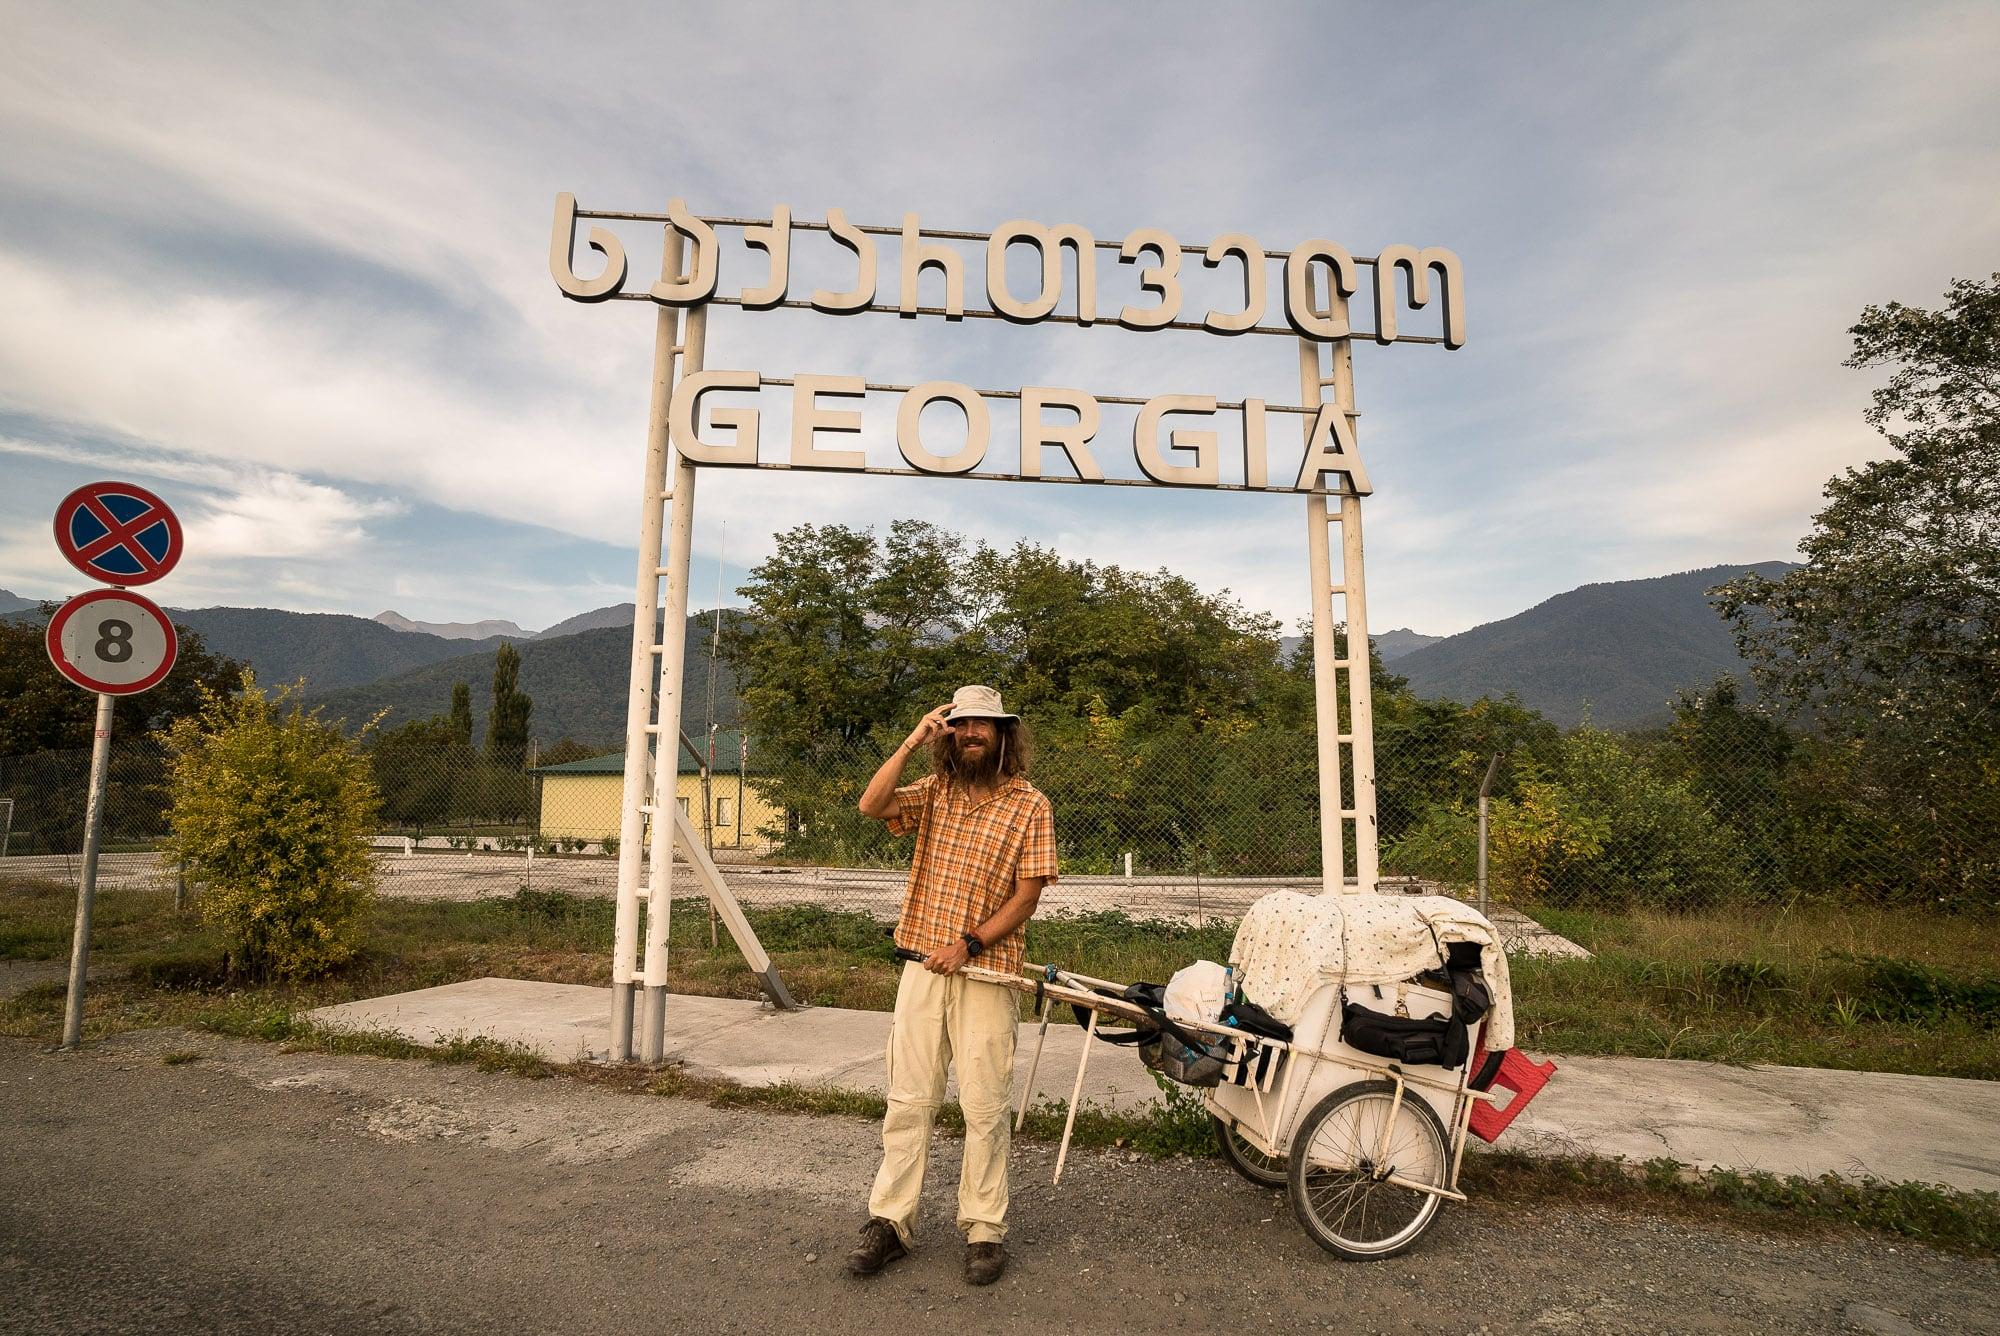 enter Georgia